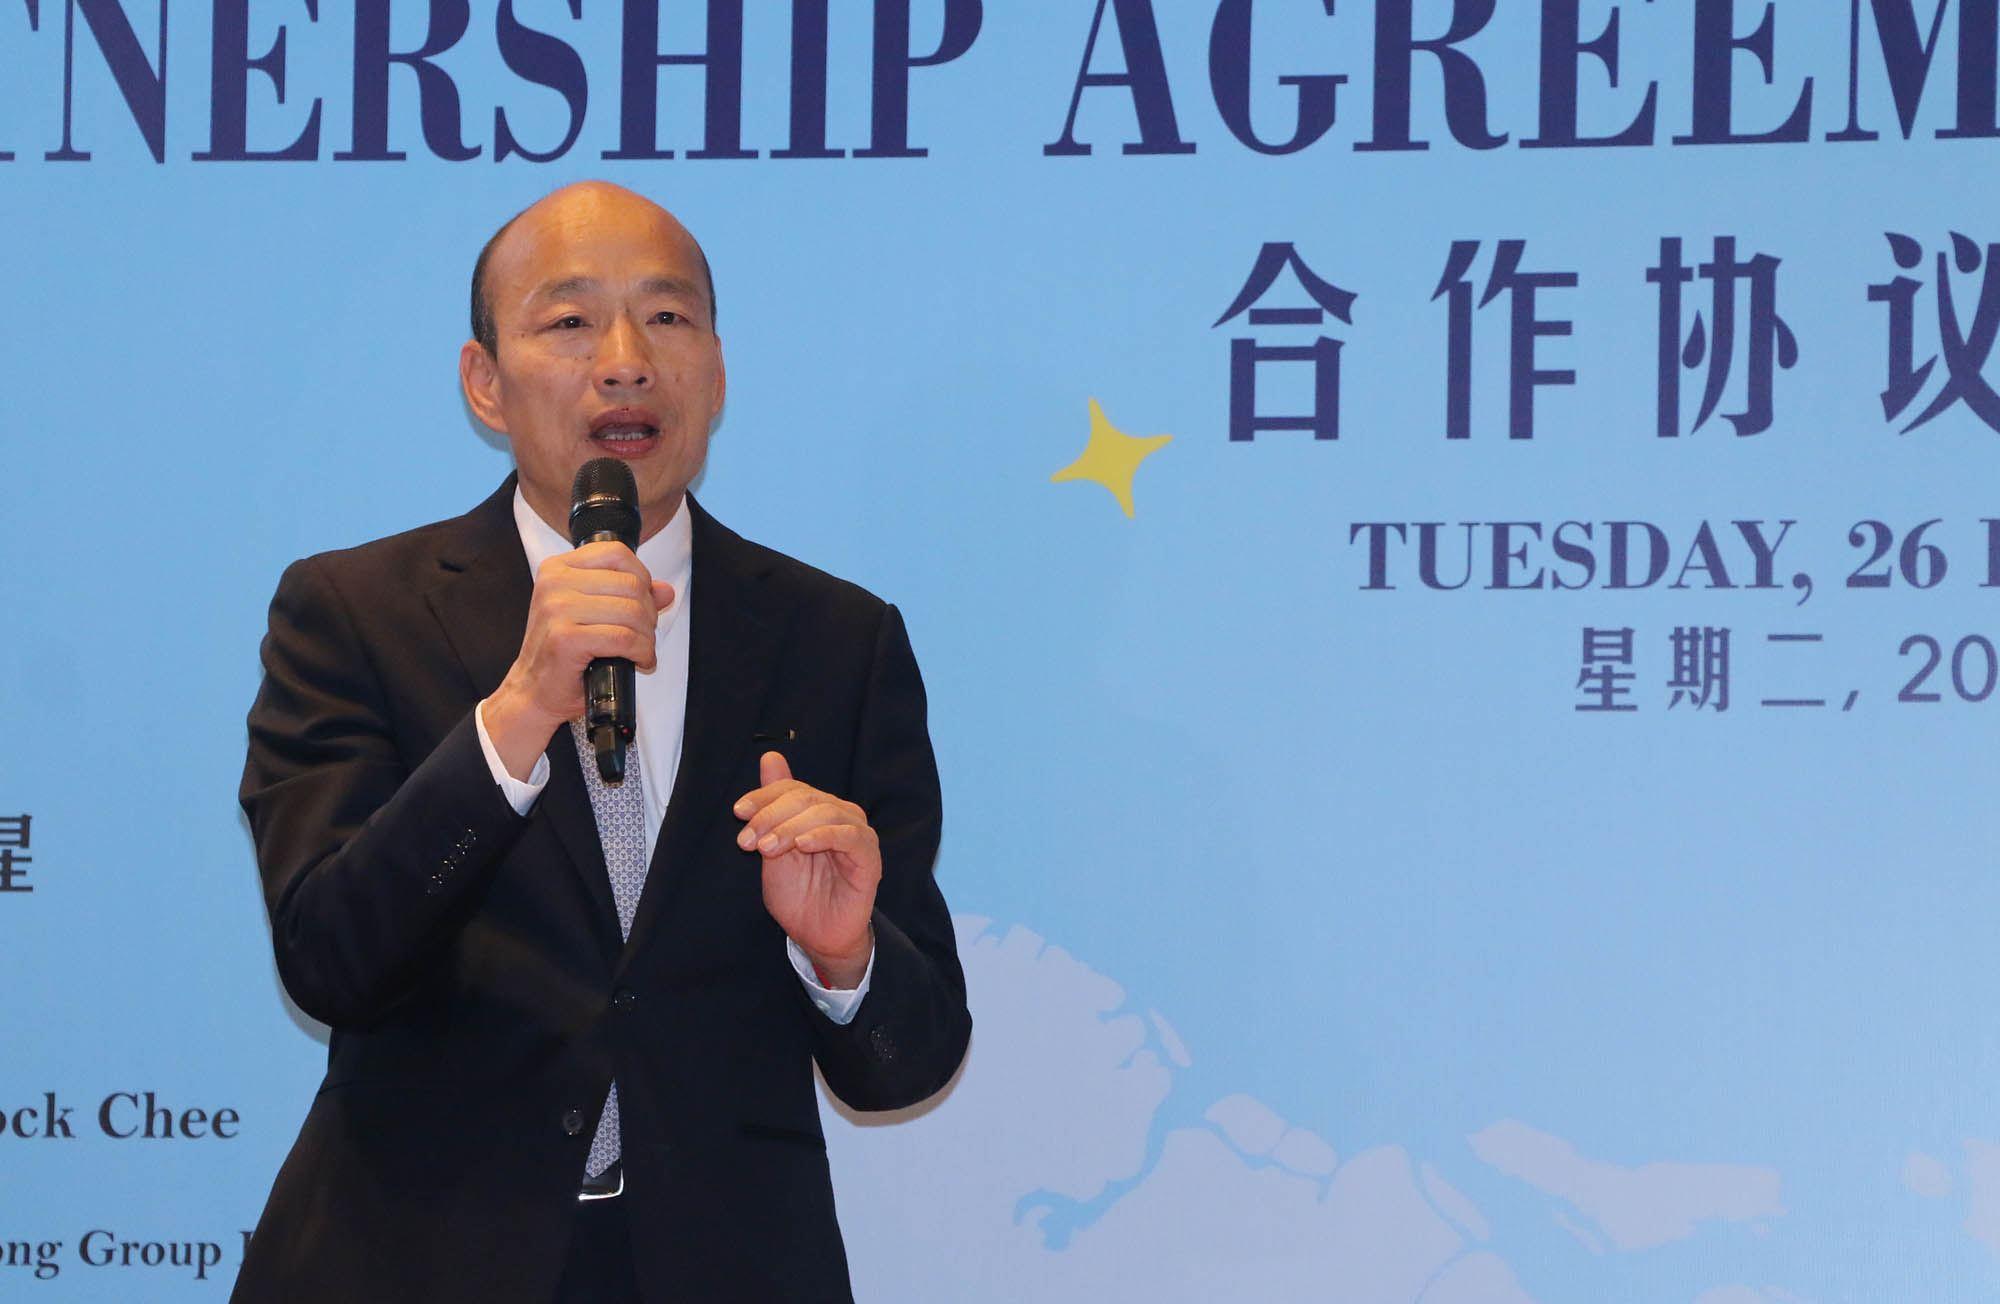 20190226續與新加坡昇菘超市簽約 韓國瑜:農產首重品質-通稿二.JPG.jpg